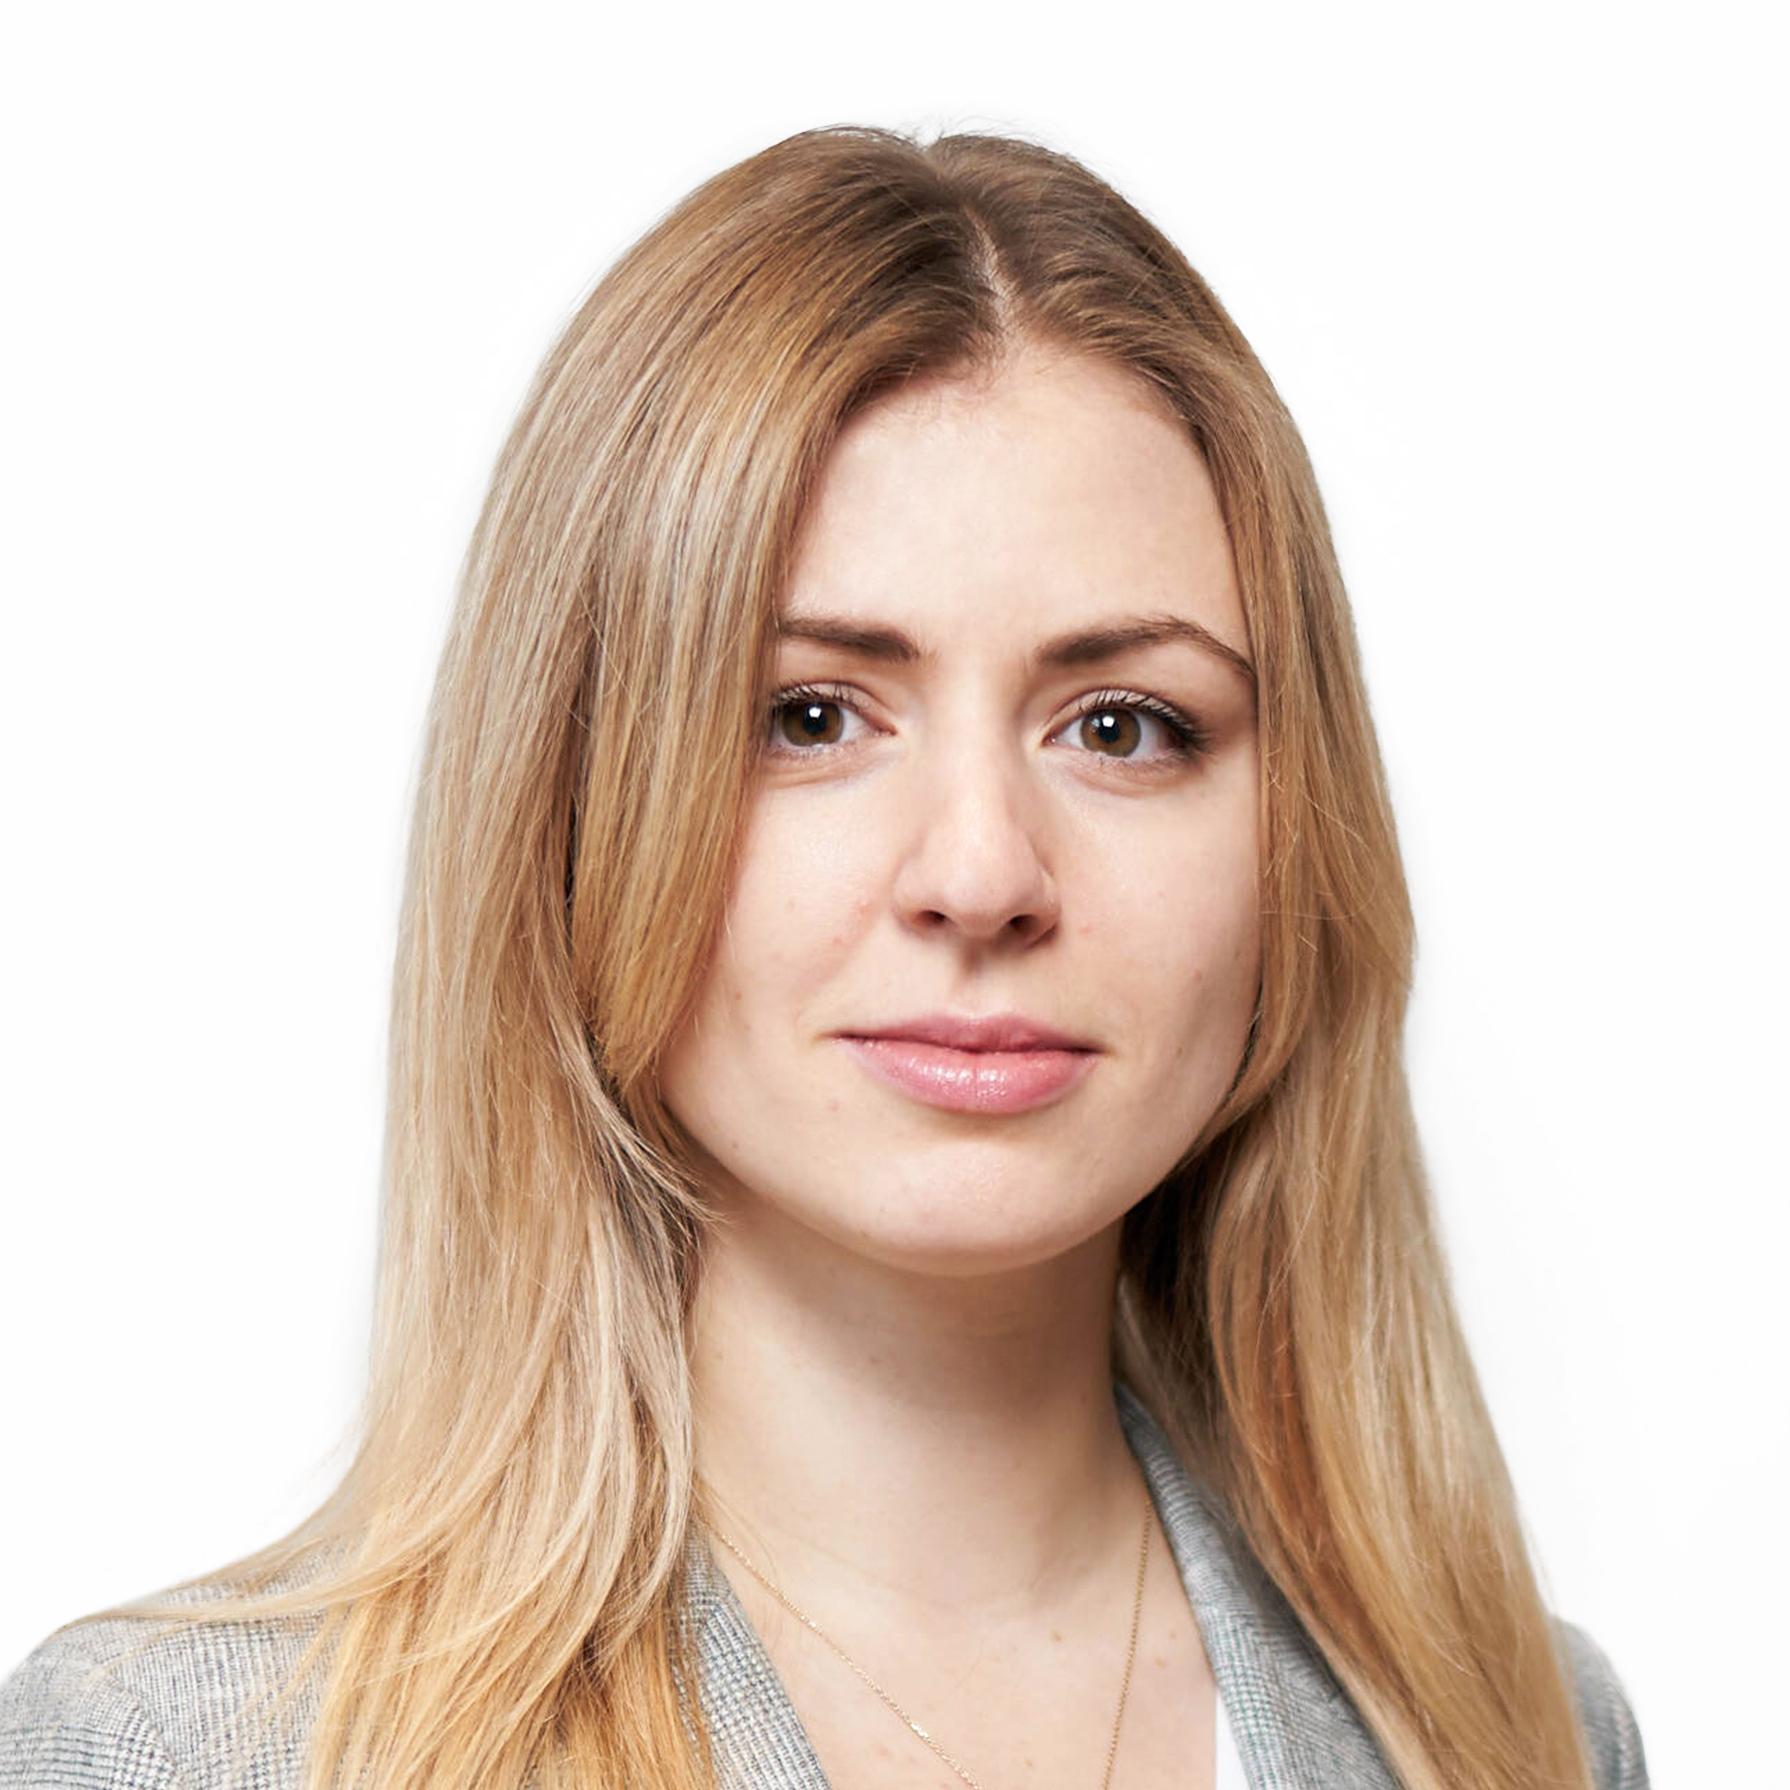 Veronika Tikhonchuk